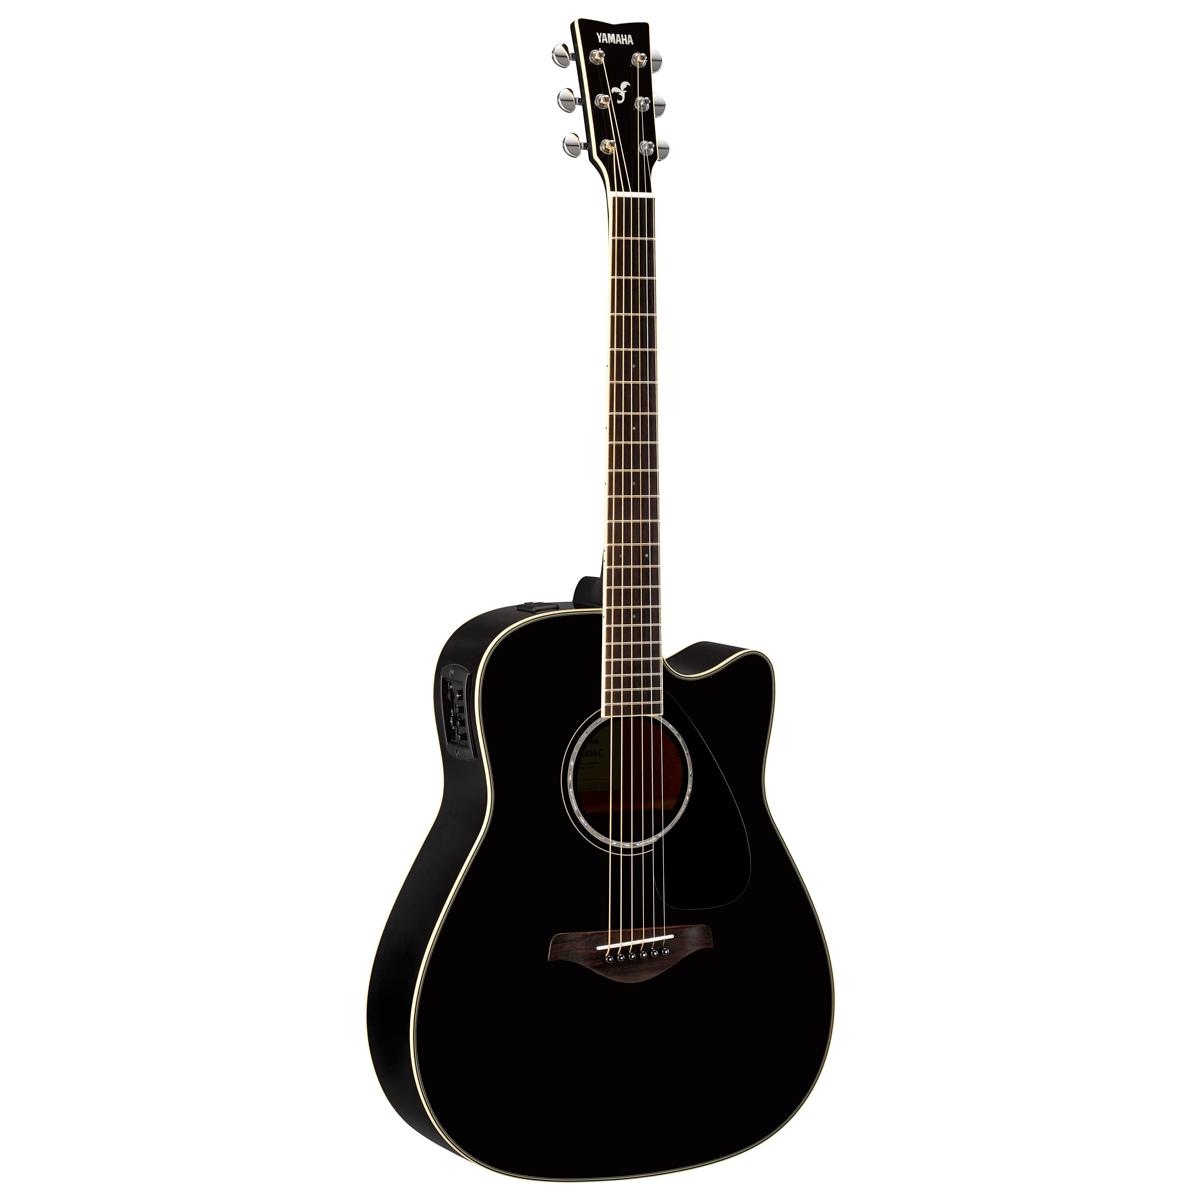 Billede af Yamaha FGX830CBL western-guitar sort